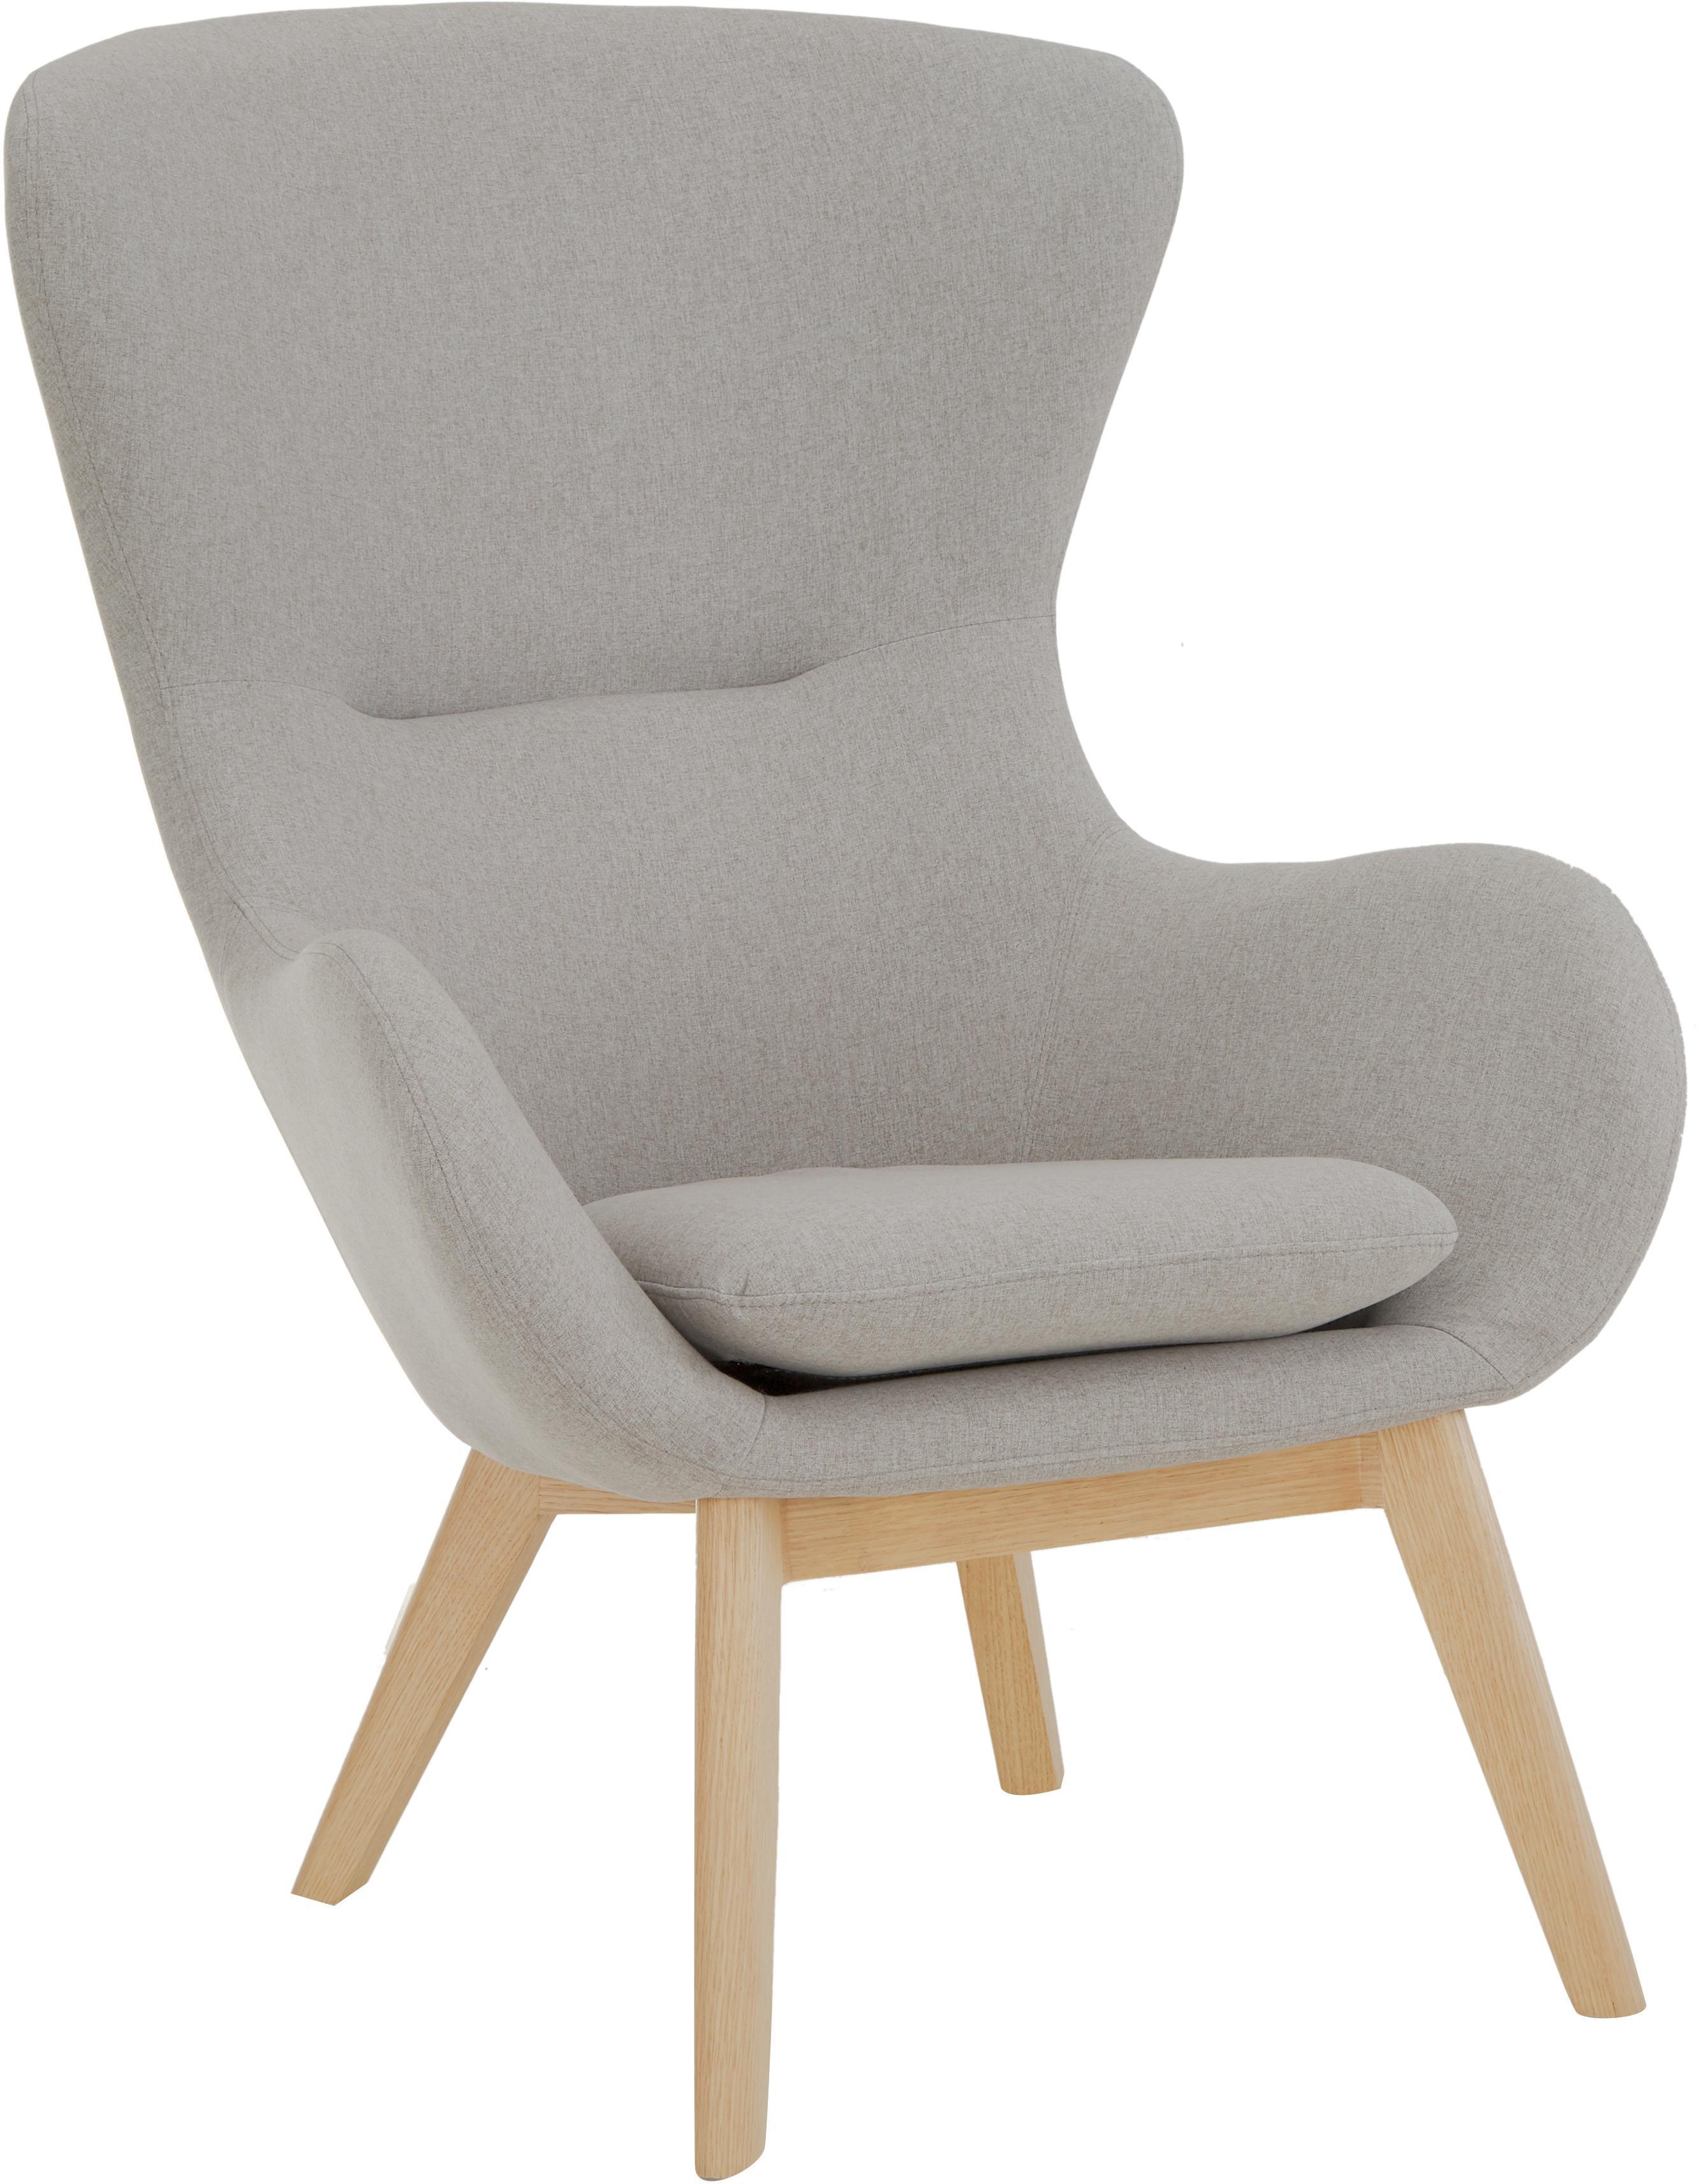 Ohrensessel Wing in Grau, Bezug: Polyester Der hochwertige, Füße: Massivholz mit Eschenfurn, Grau, B 77 x T 89 cm